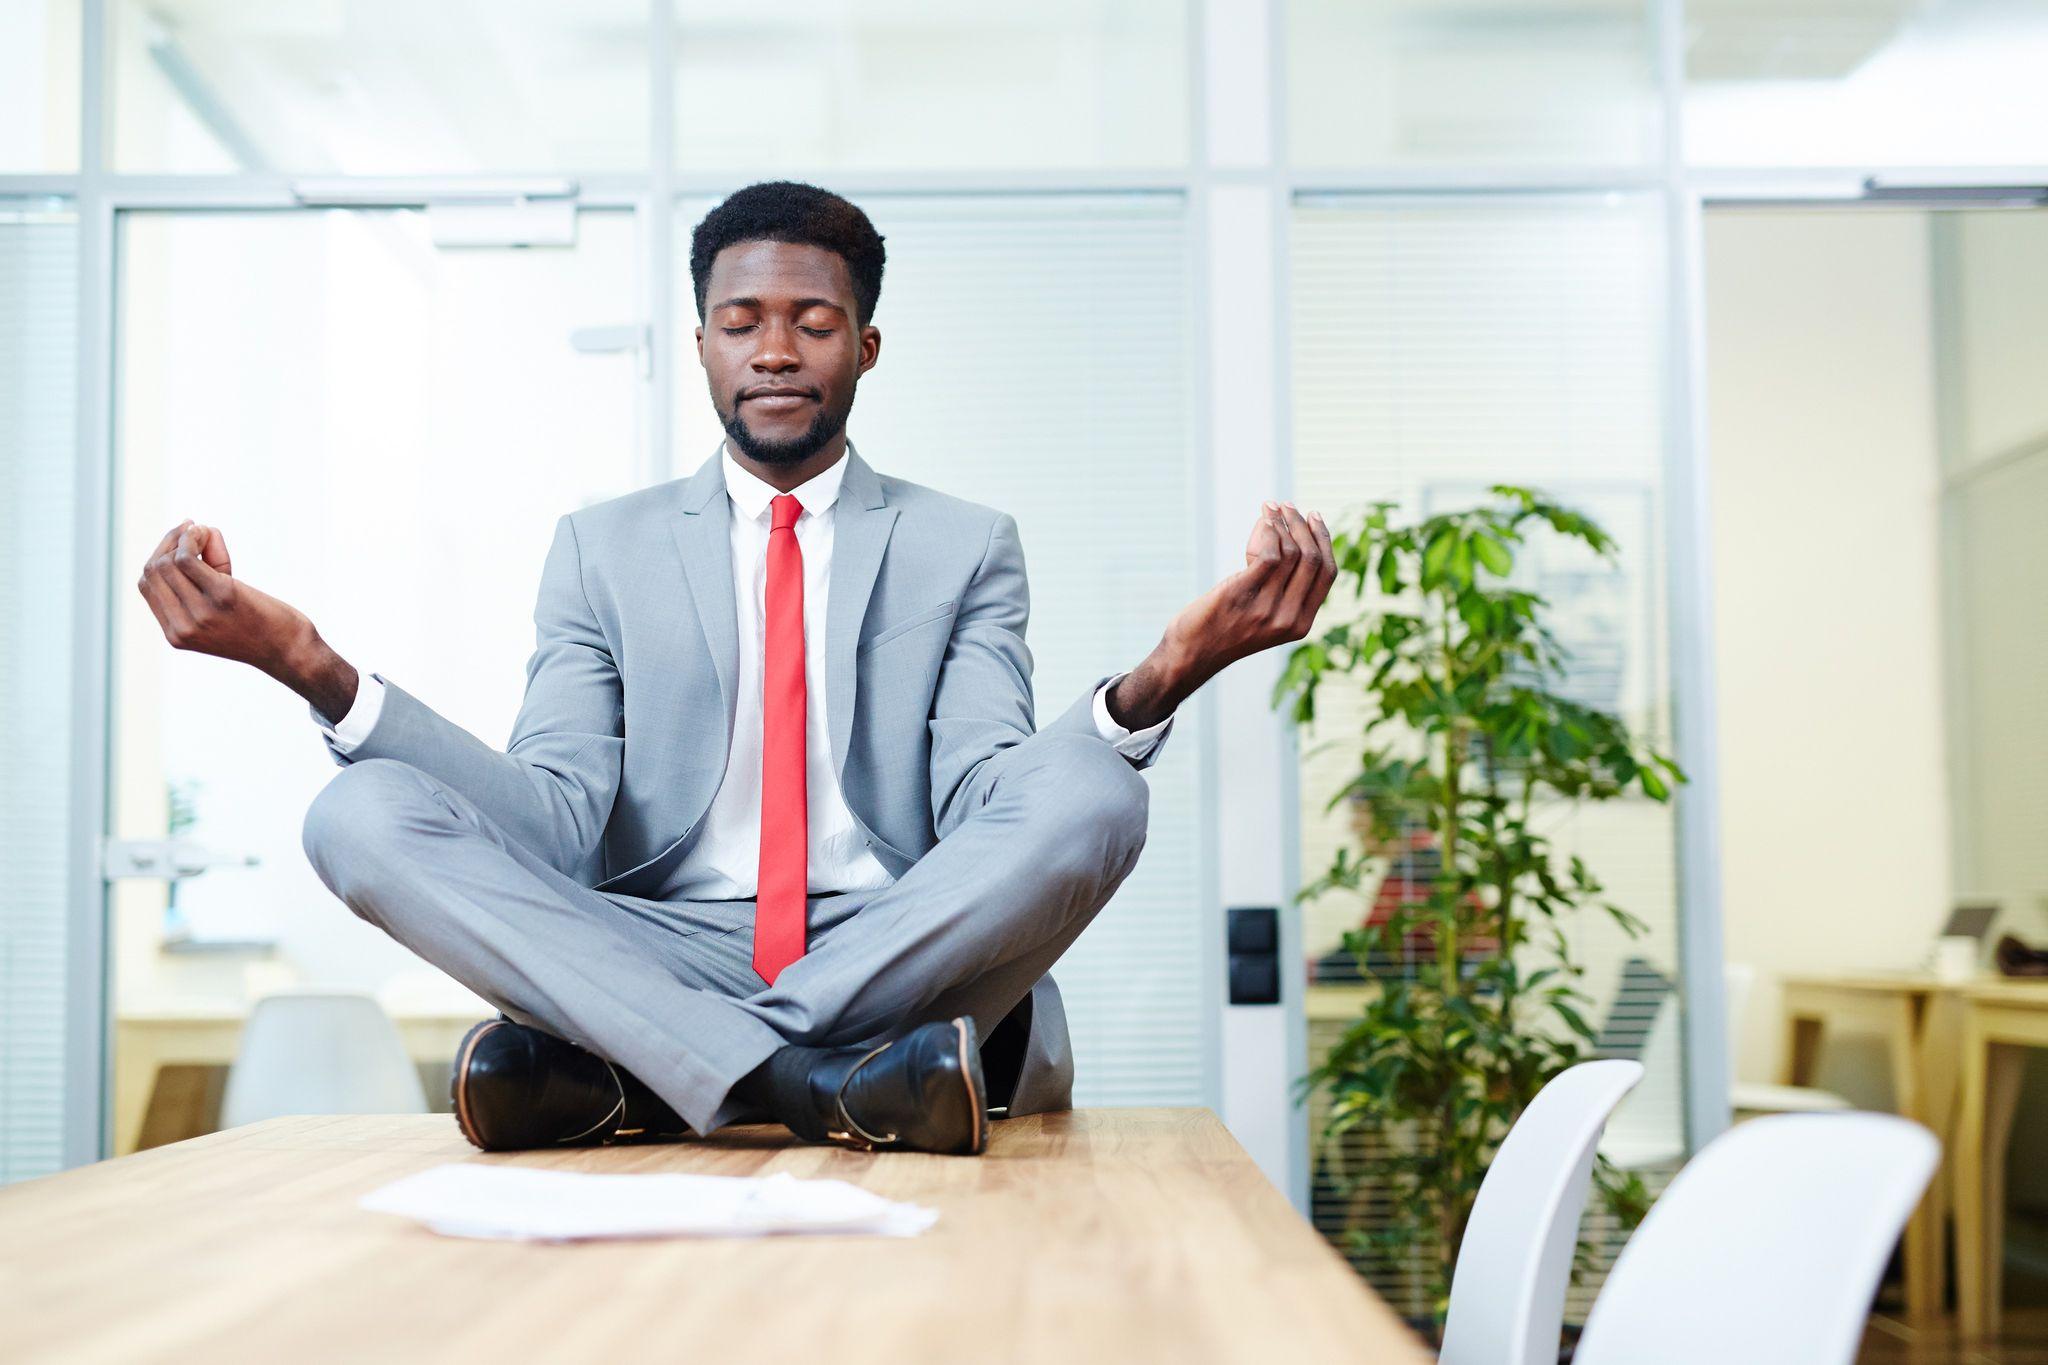 Retrouver la sérénité au travail en 3 astuces : c'est possible !